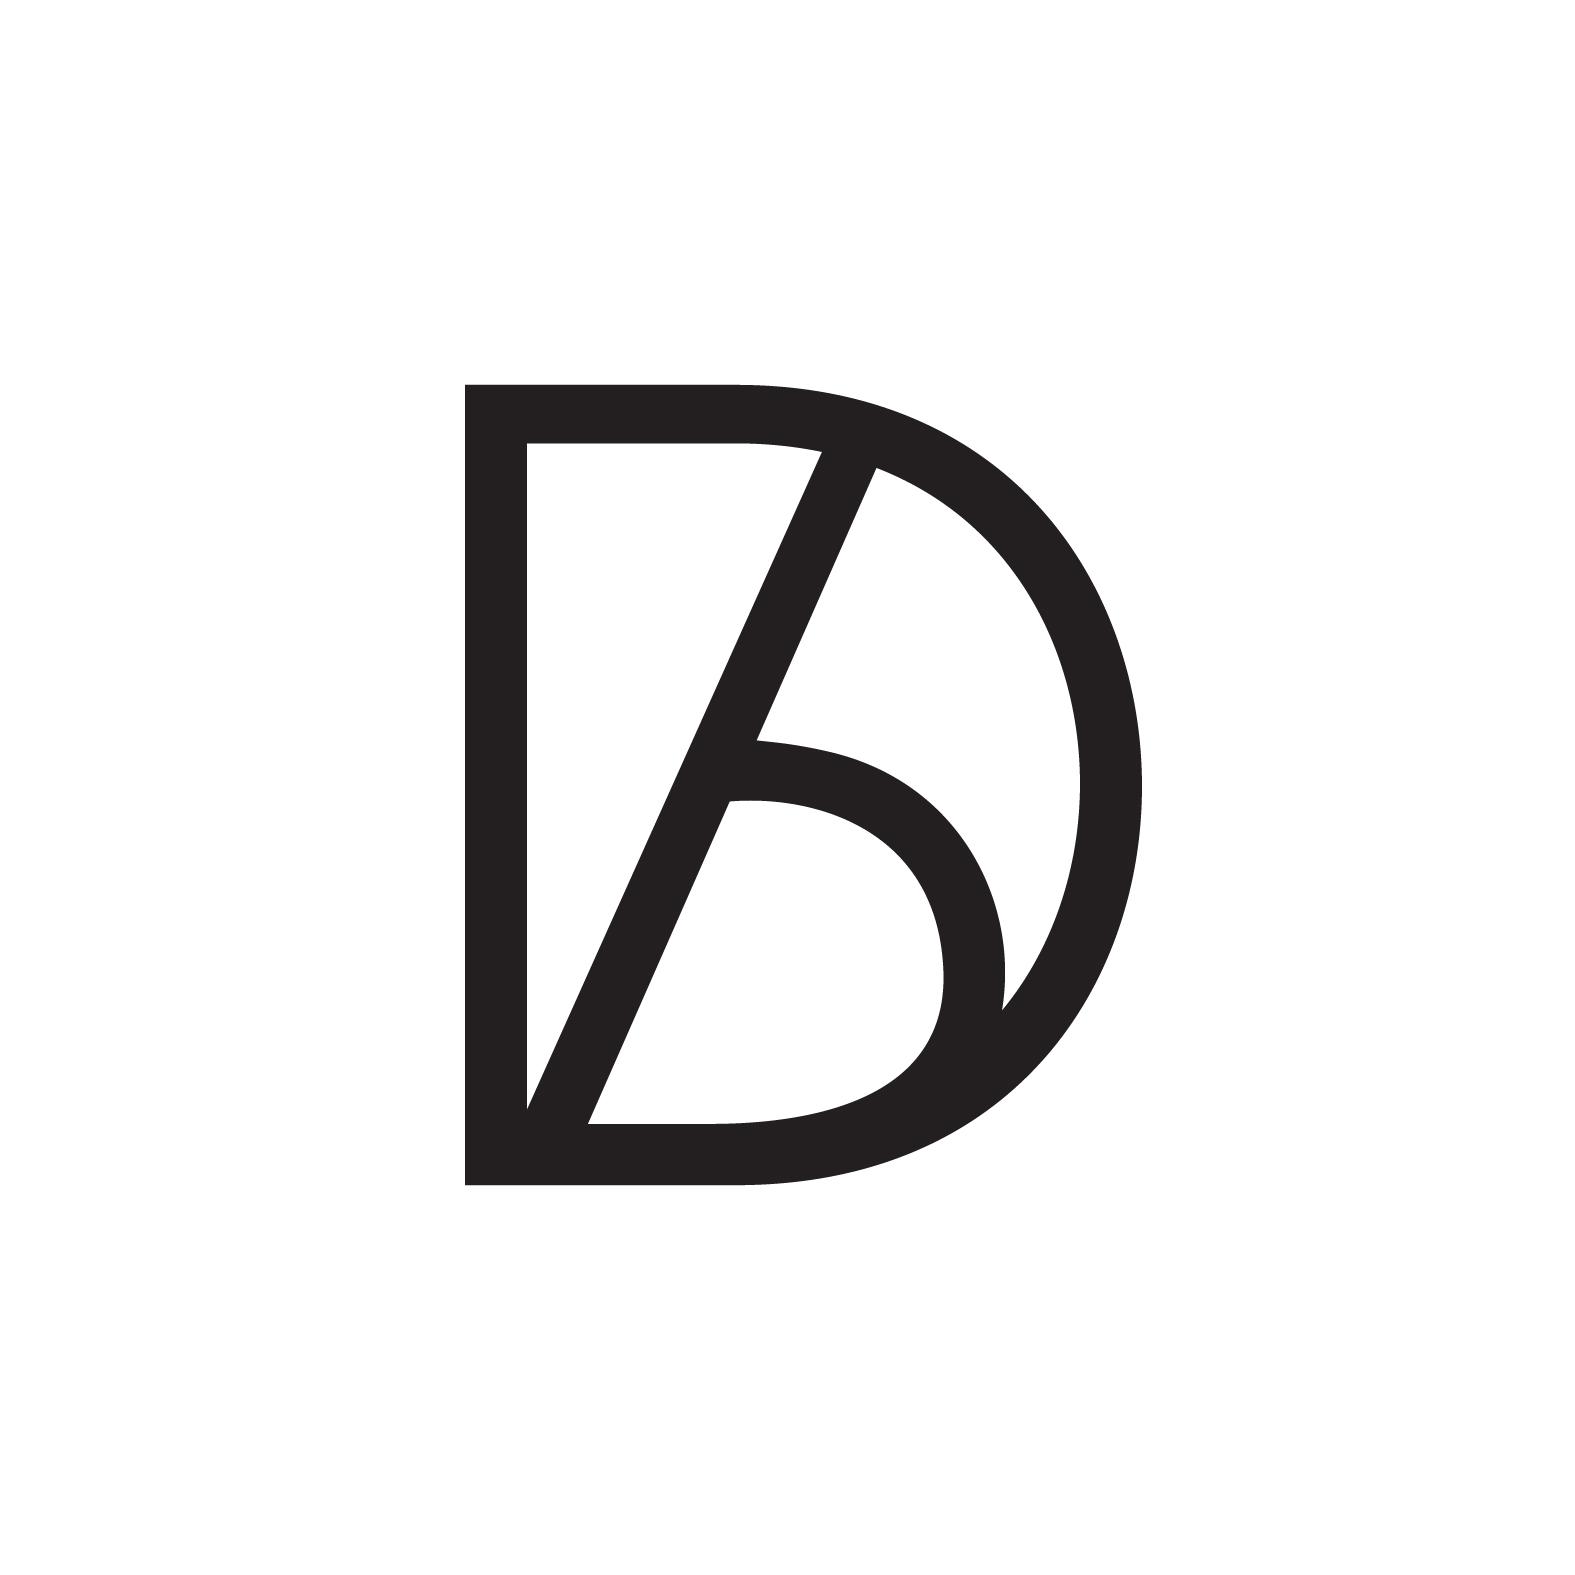 dbaicon2.jpg